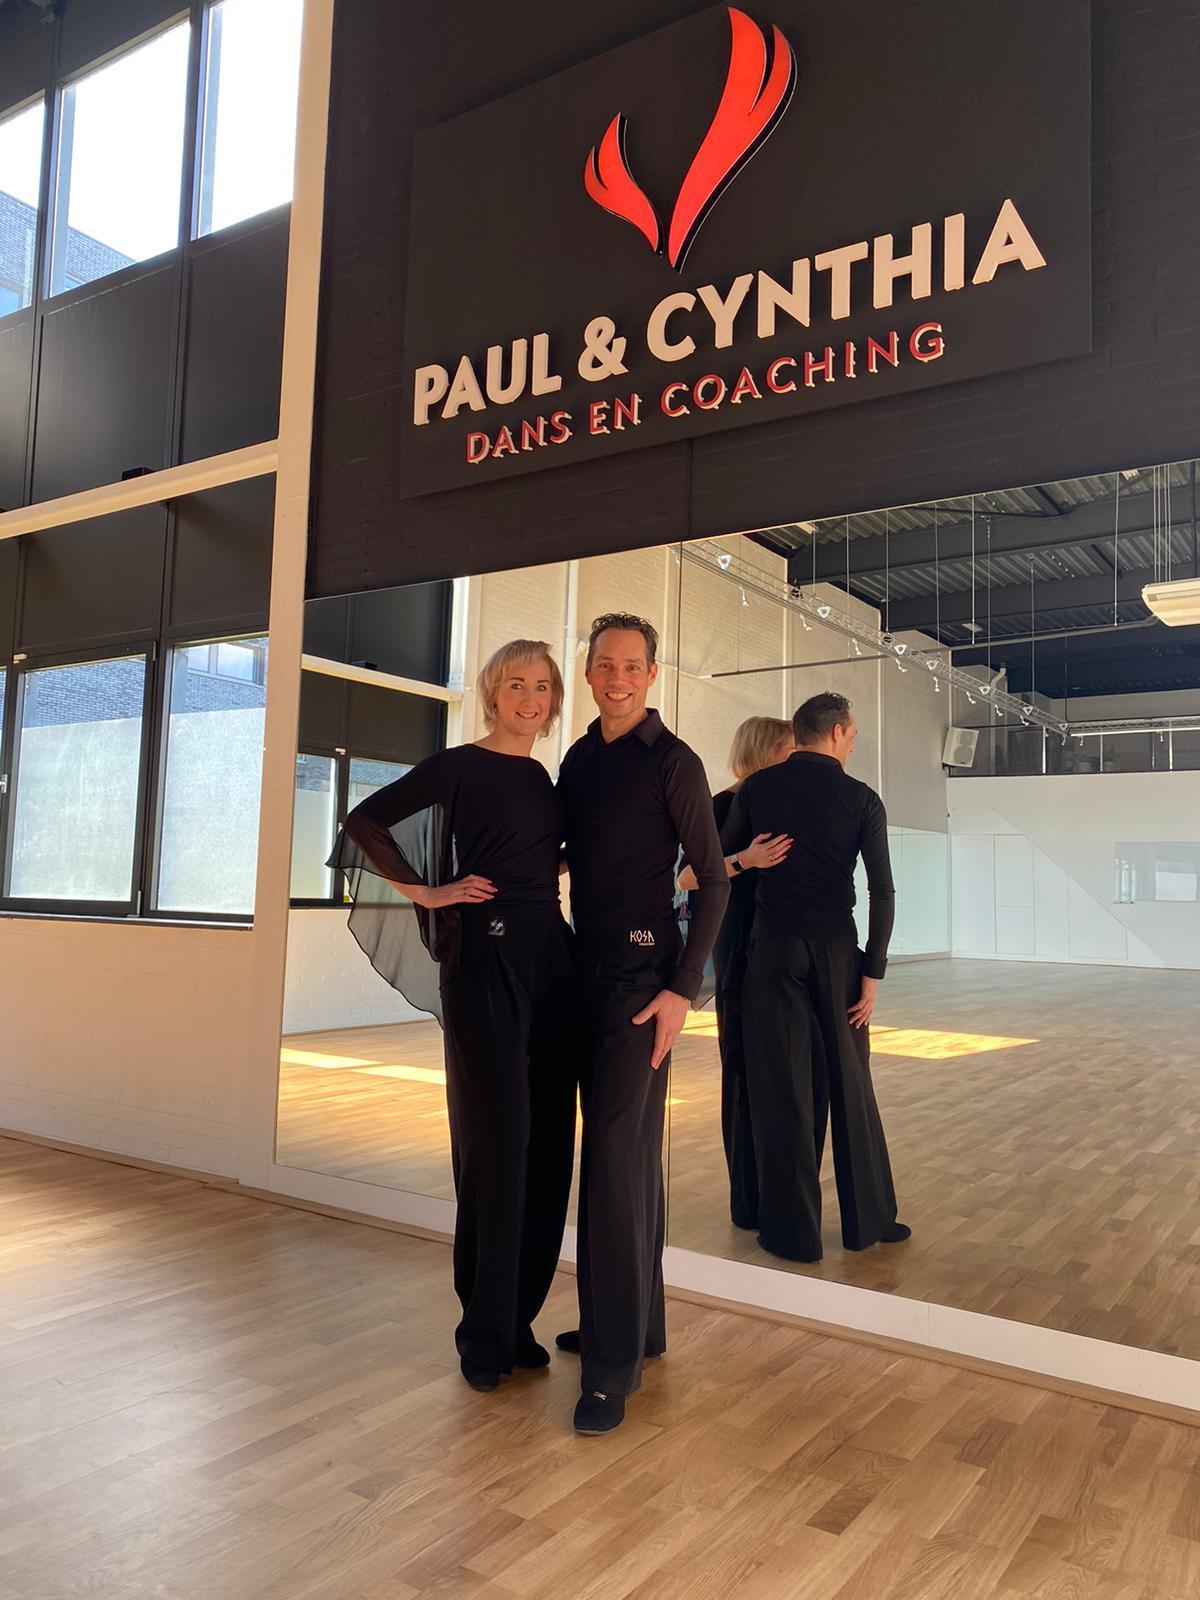 Paul & Cynthia Training